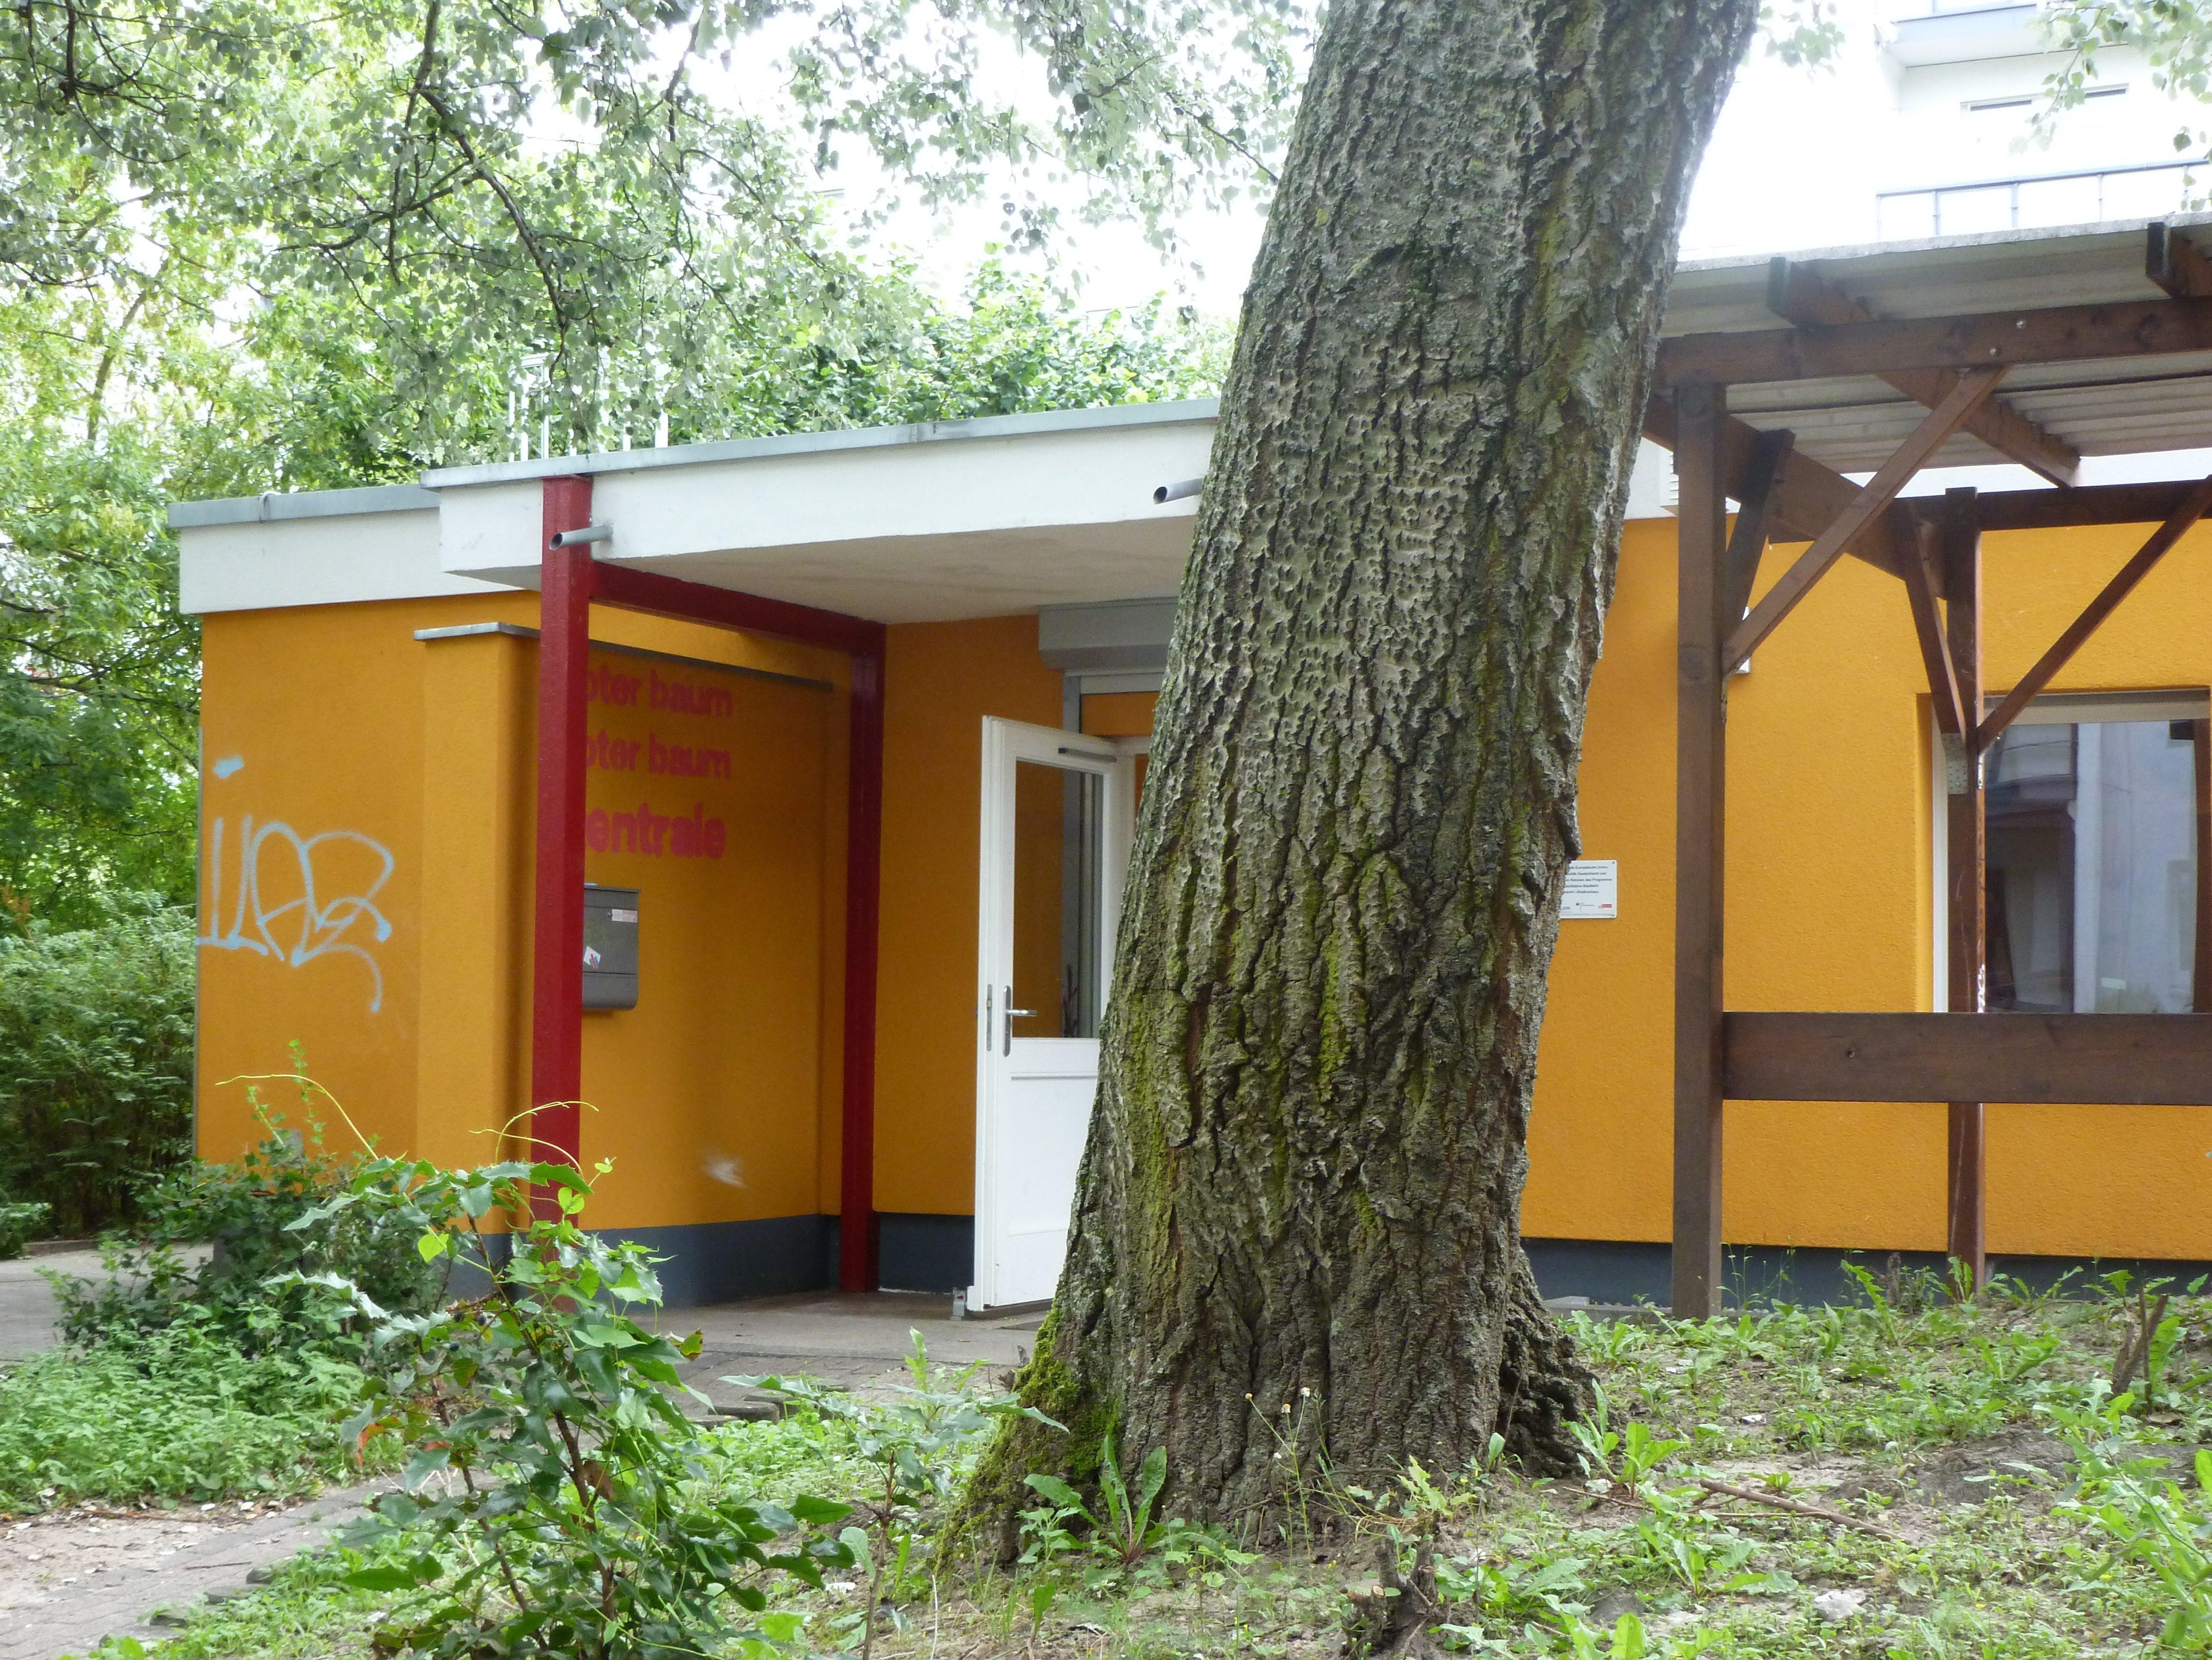 Mitten im Hellersdorfer Wohngebiet - und dennoch im Grünen - liegt die Zentrale der gemeinnützigen Roter Baum Berlin Unternehmergesellschaft.